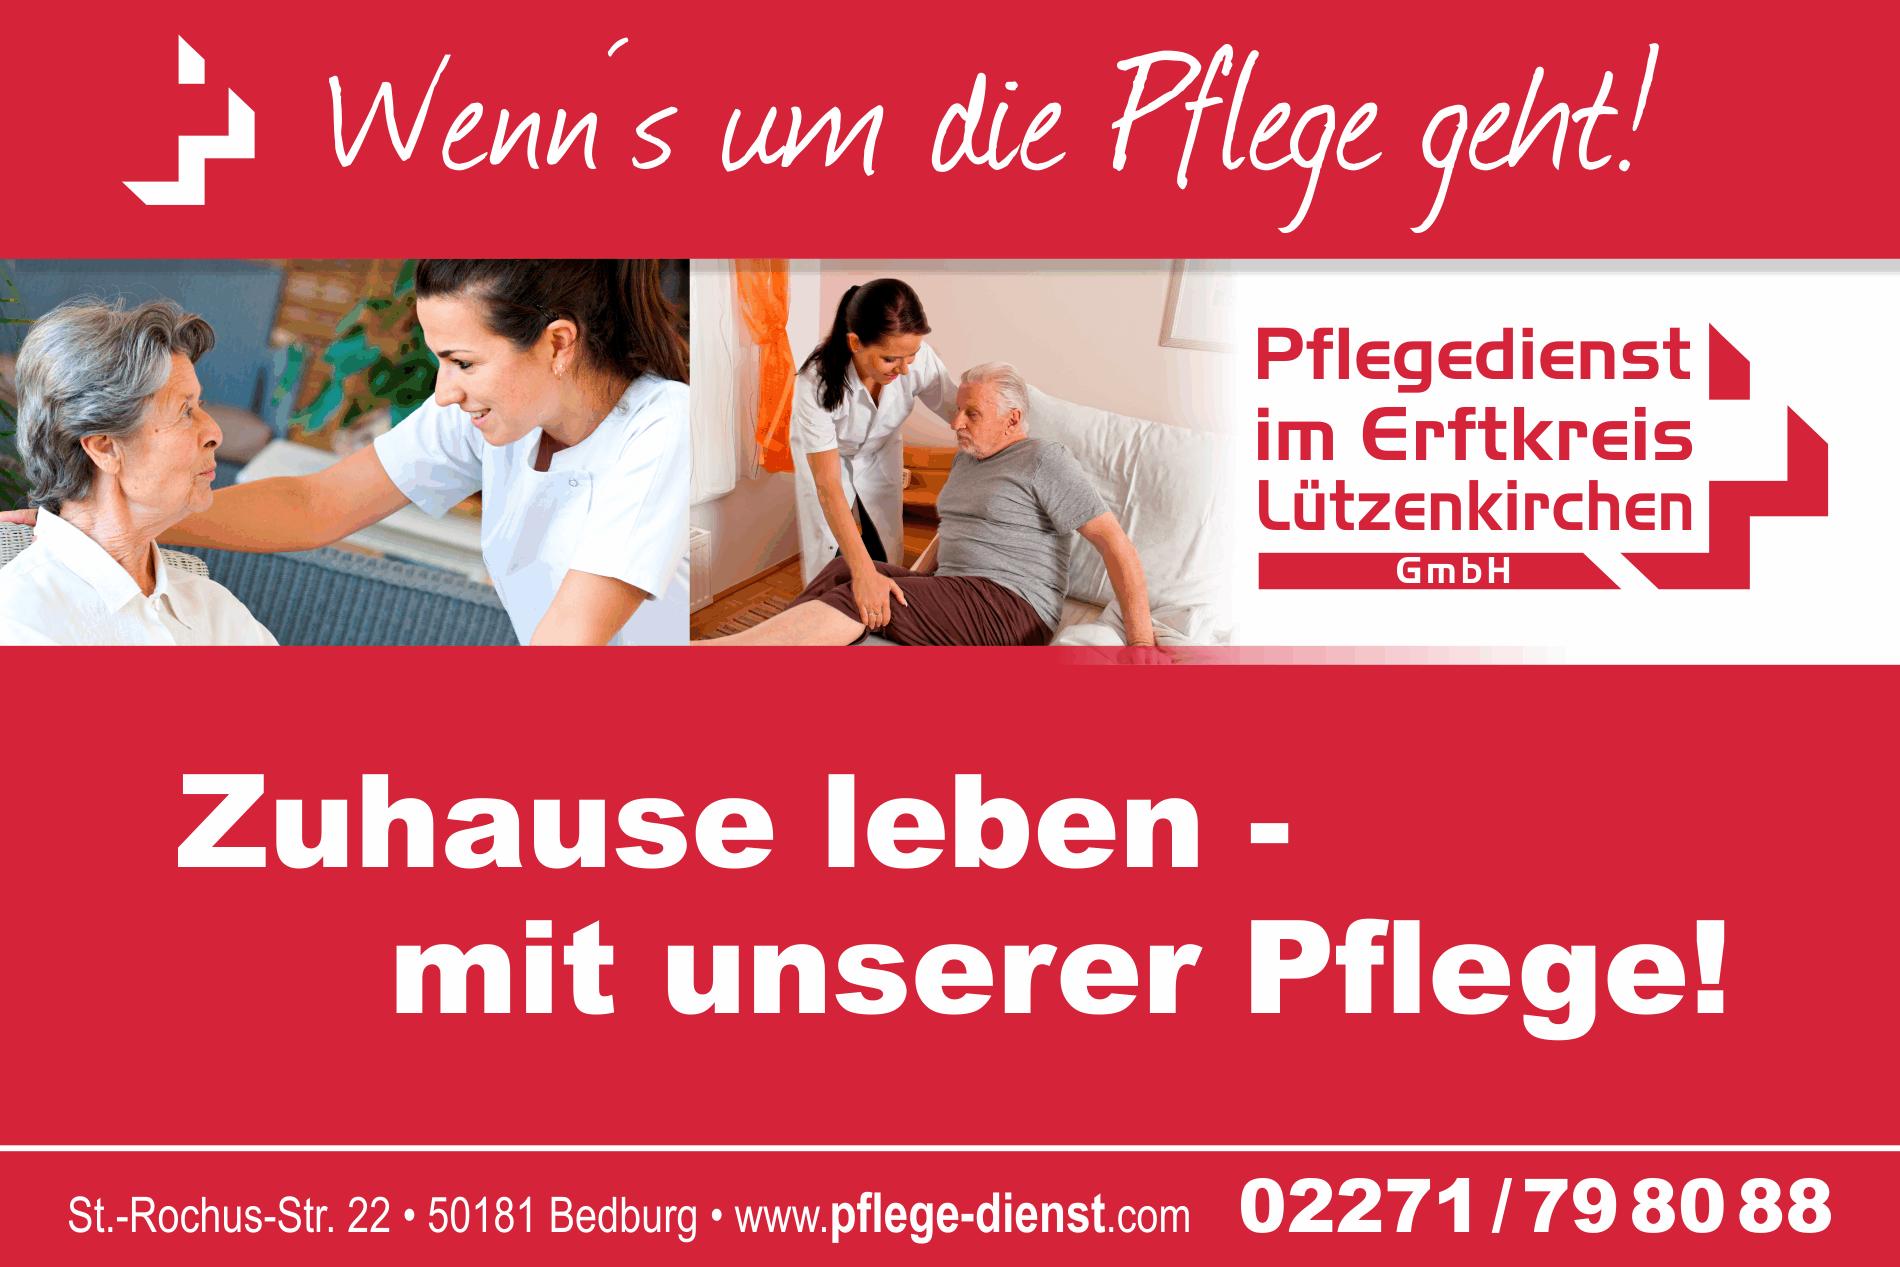 Zur Website des Pflegedienst Lützenkirchen